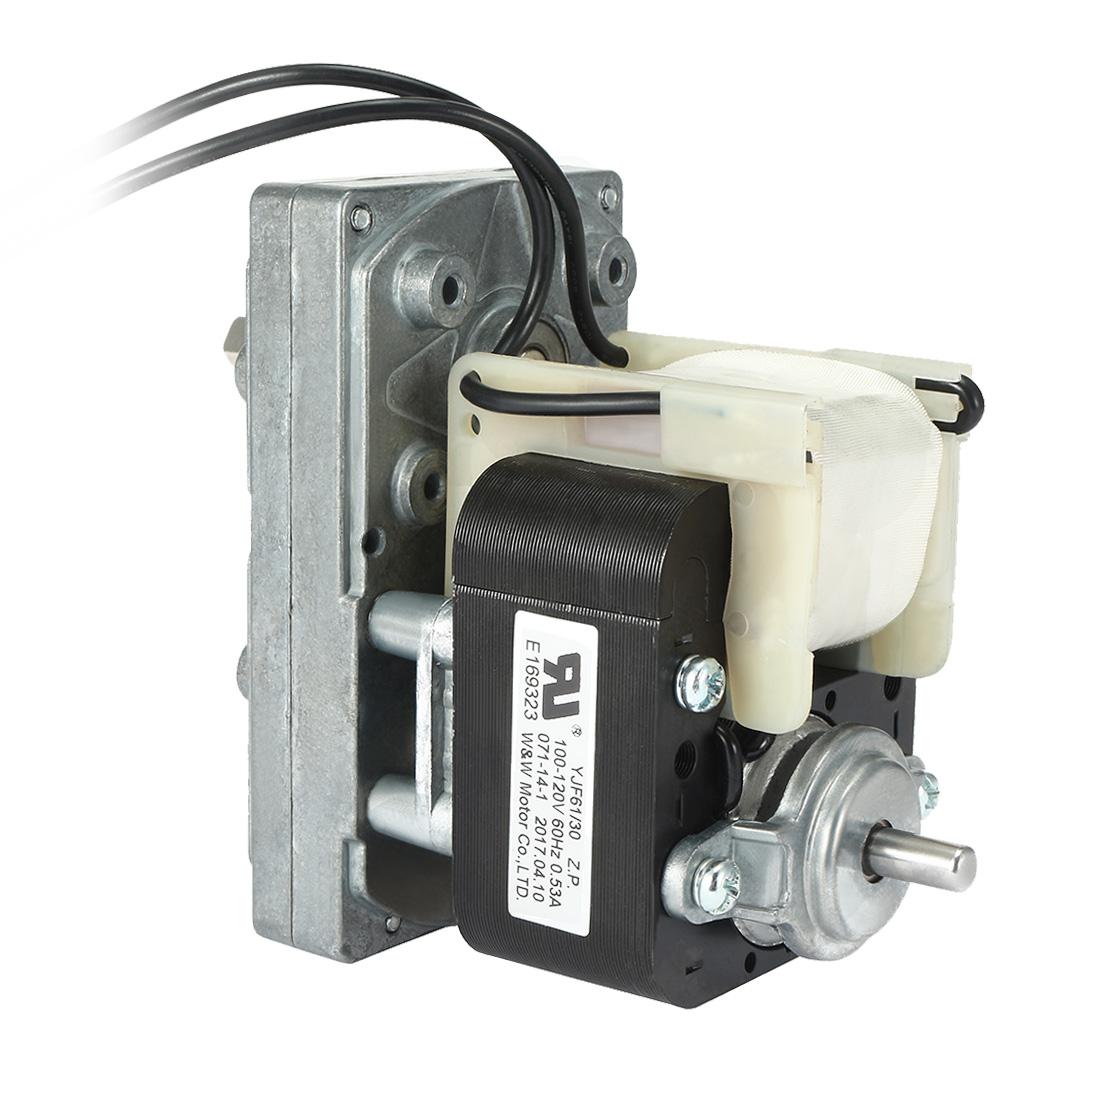 Pellet Stove Auger Motor 6RPM Clockwise Gear Motor AC 110V to 120V 60Hz 0.53A